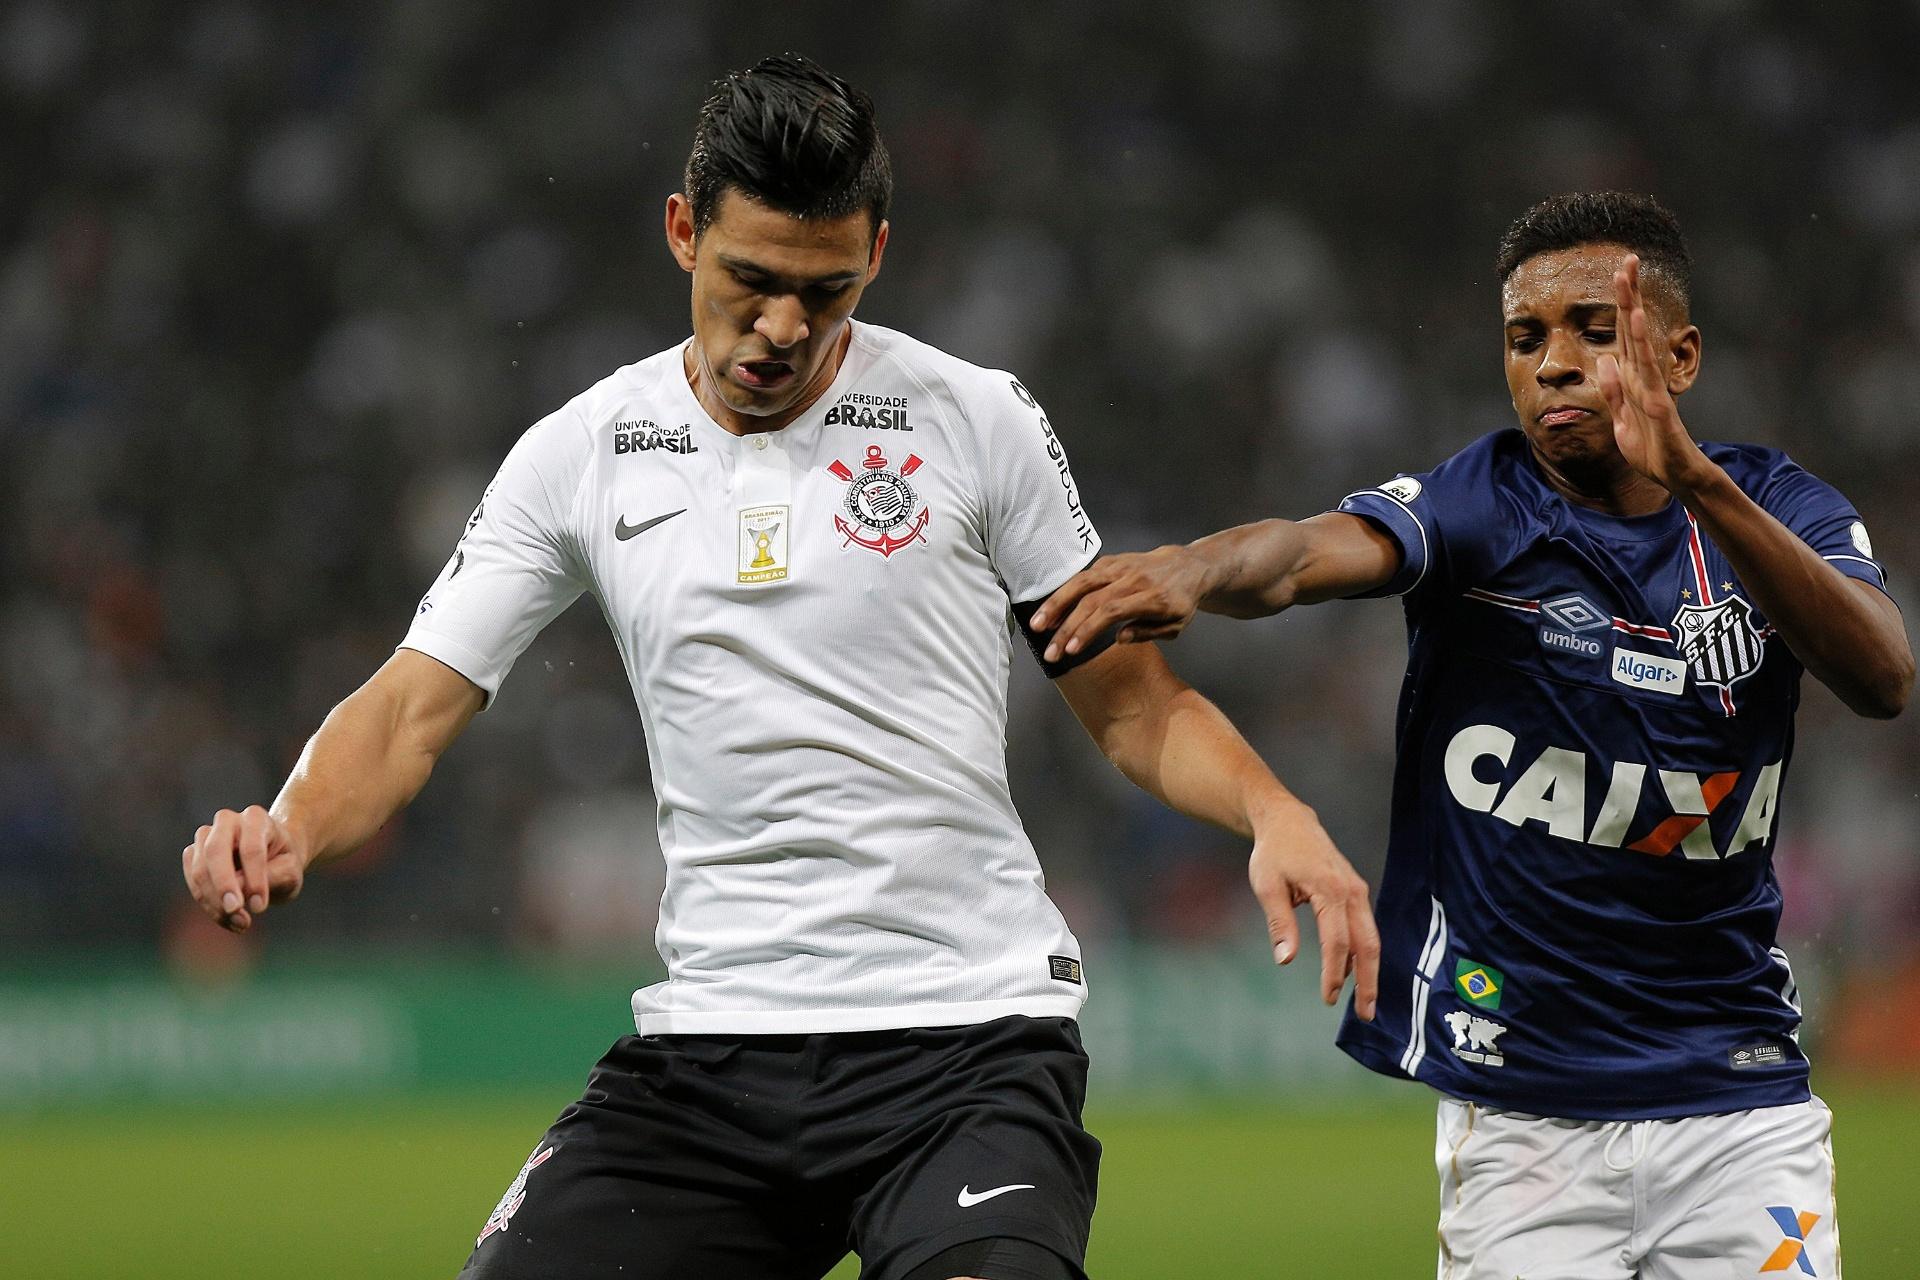 9ebbad4b513b4 Corinthians e Santos empatam na Arena com brilho de Rodrygo e gol de Roger  - 06 06 2018 - UOL Esporte